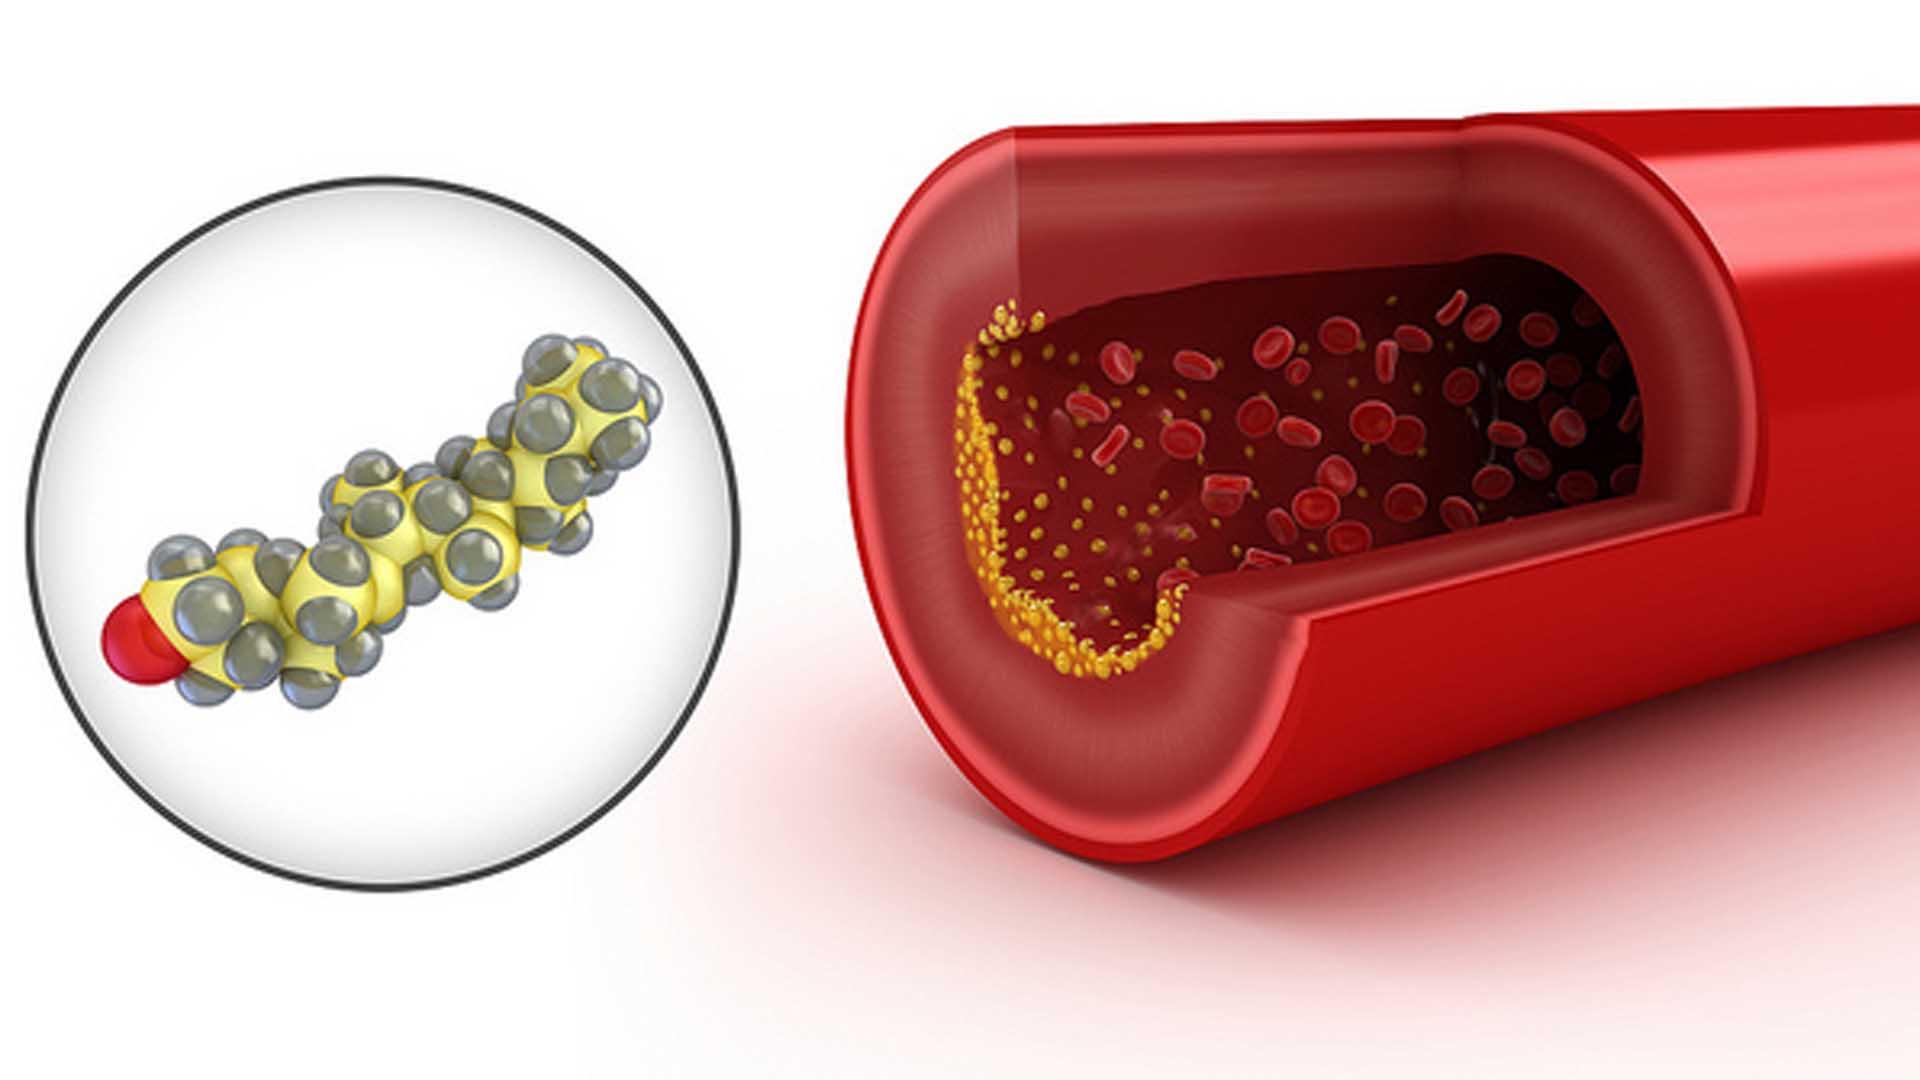 La vacuna contra el colesterol llega para prevenir enfermedades cardiovasculares